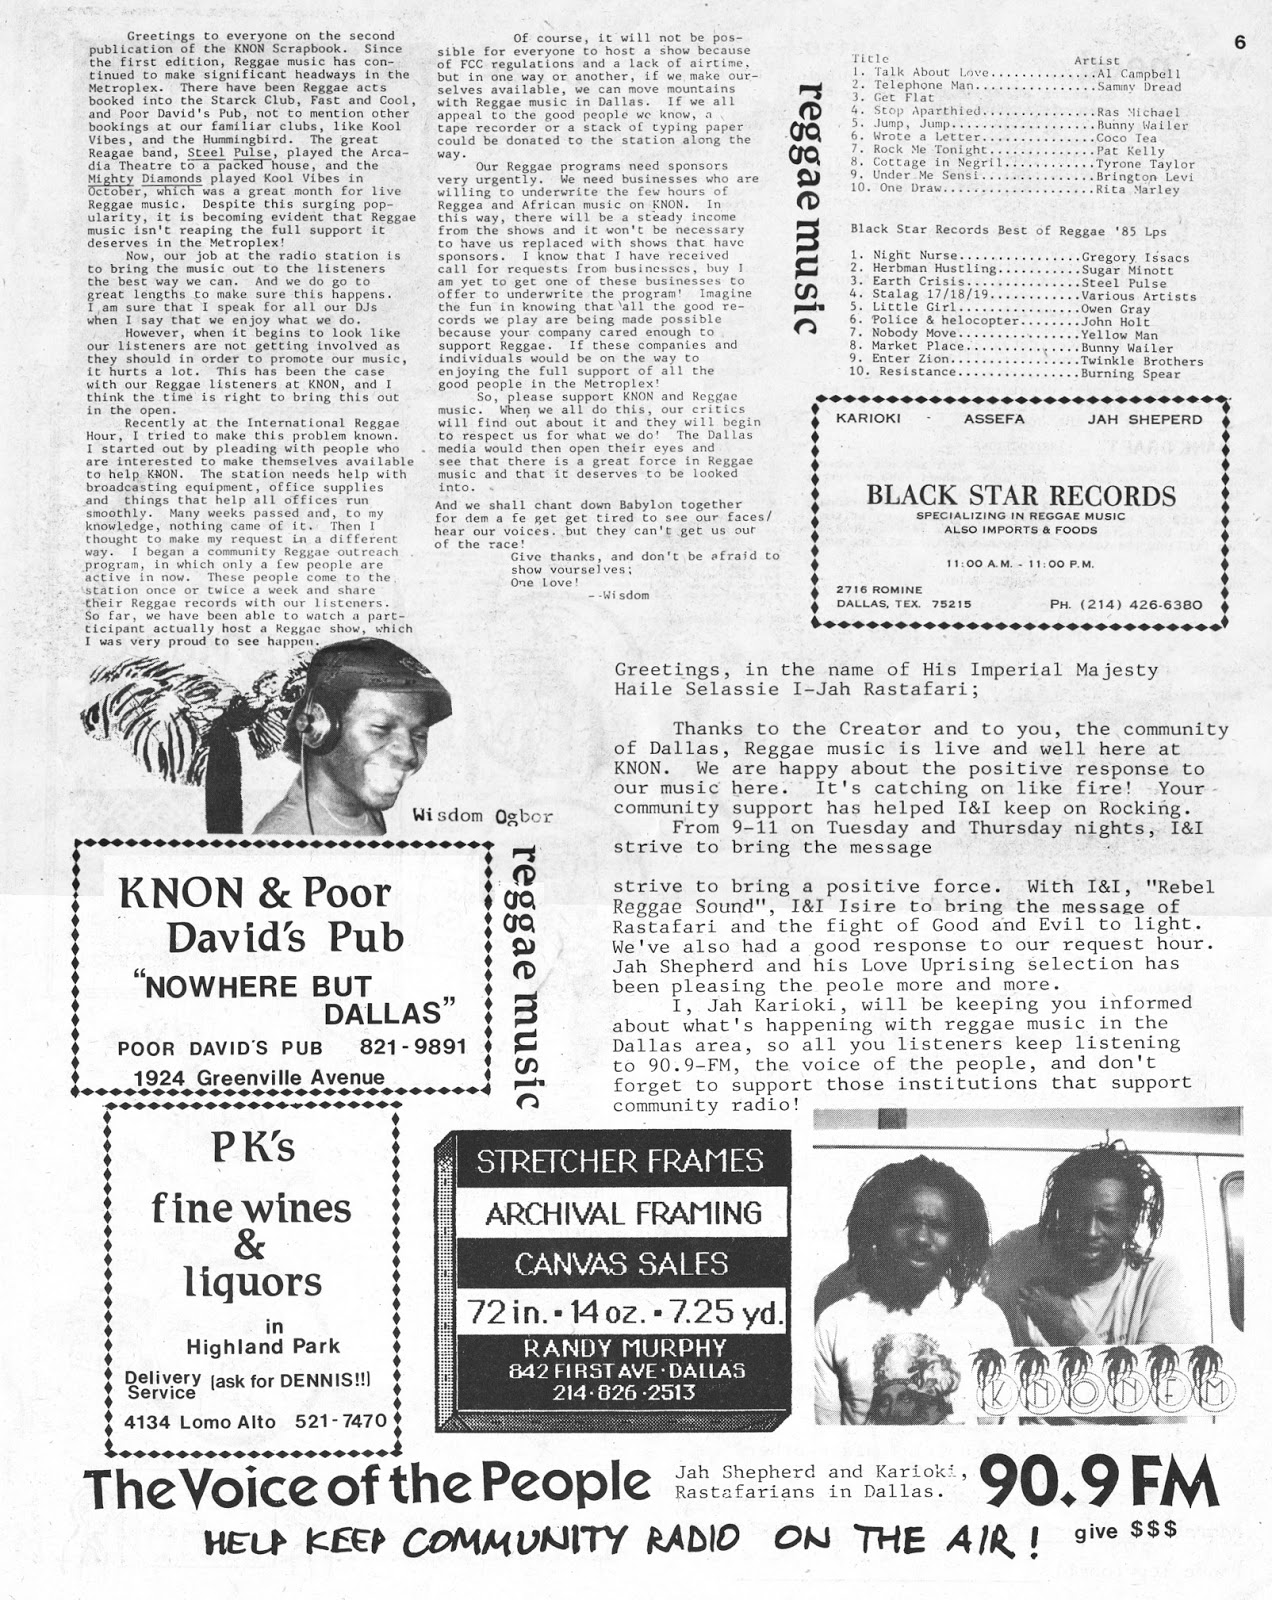 scrapbook-1985-issue-2-p06